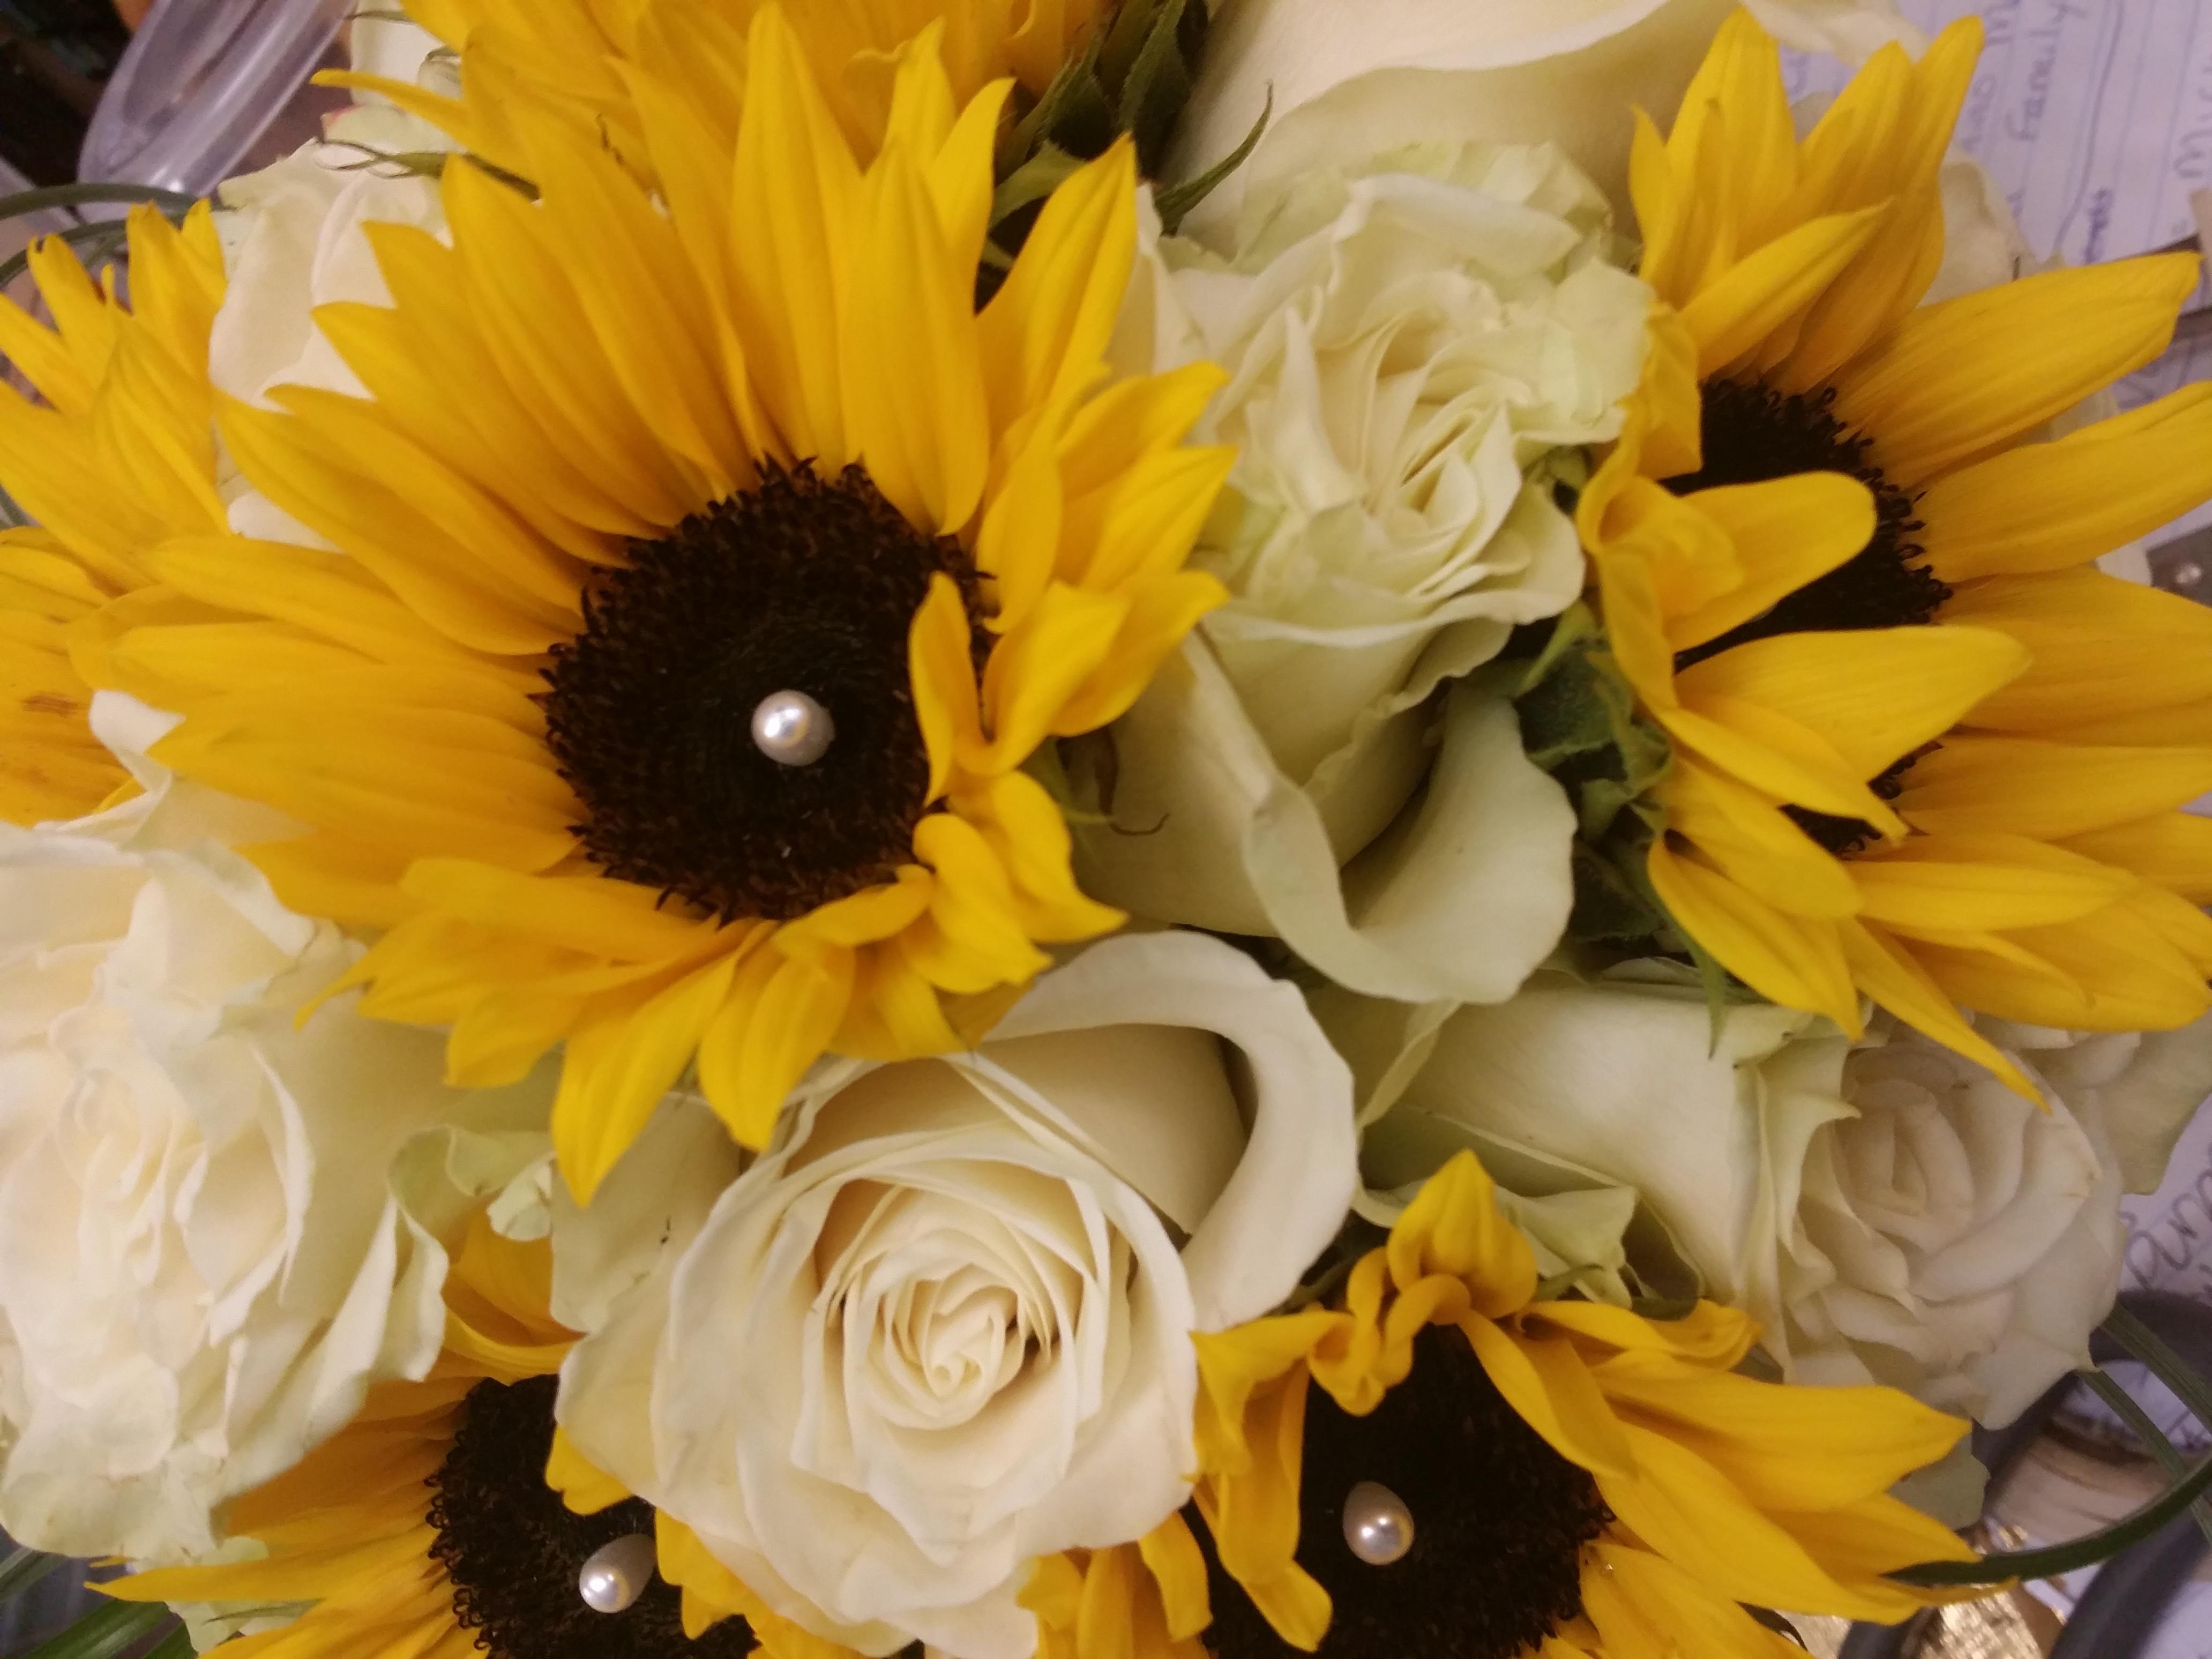 Sunflower Rose Bouquet